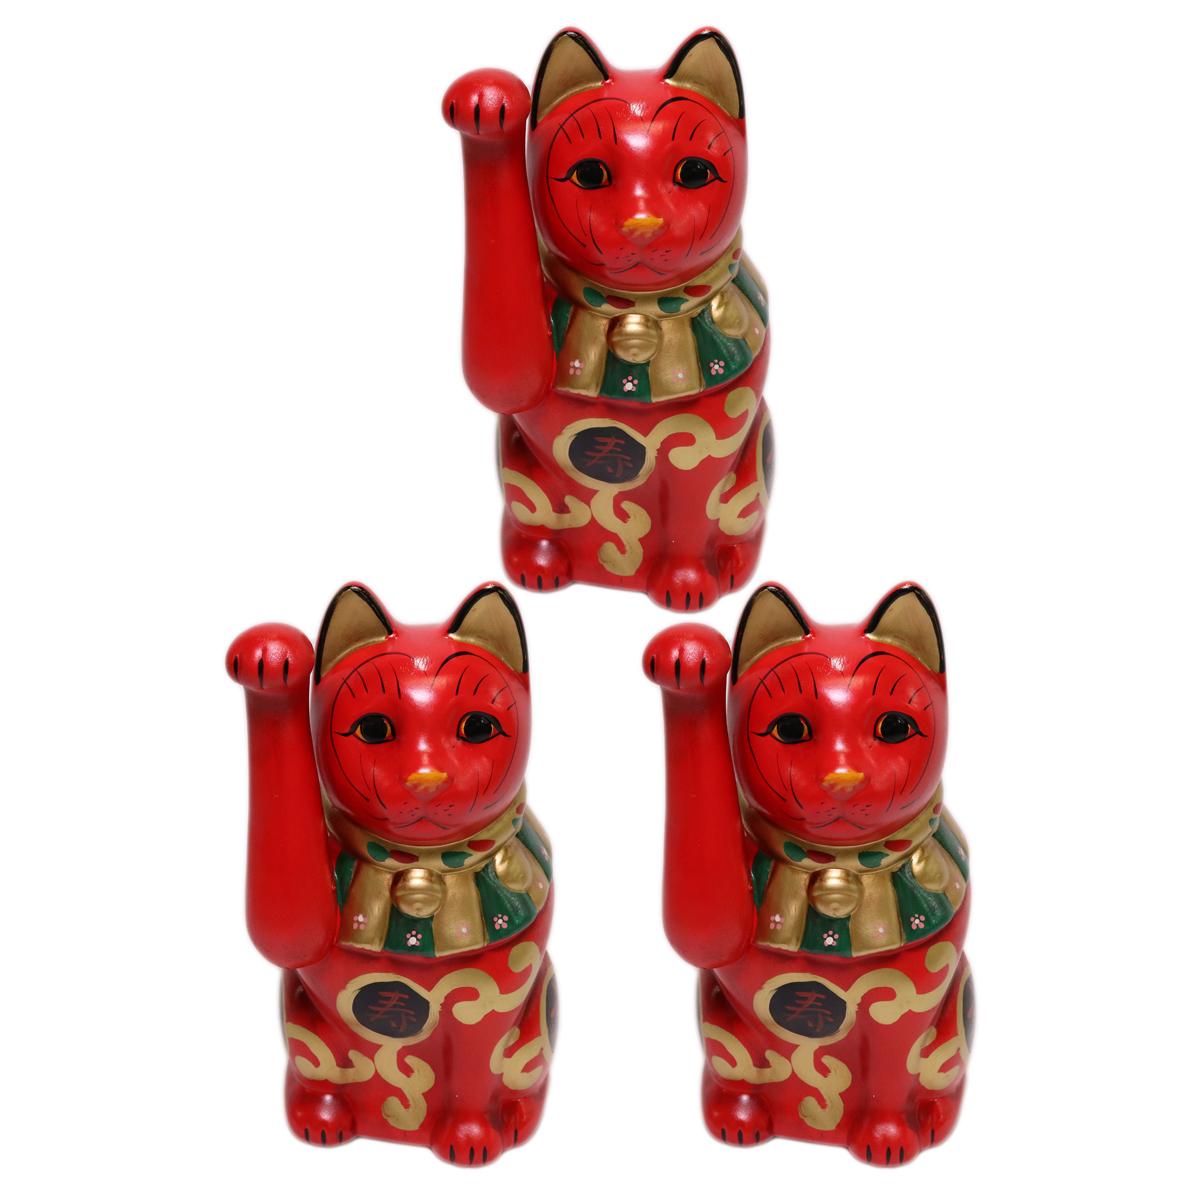 3個セット 招き猫 吉祥古色大正猫(小)赤 [ 19.5cm ] | 招き猫 ねこ cat 縁起物 お土産 かわいい おしゃれ 飾り 玄関飾り 開運 商売繁盛 家内安全 お守り まねきねこ プレゼント ギフト 贈り物 開店祝い